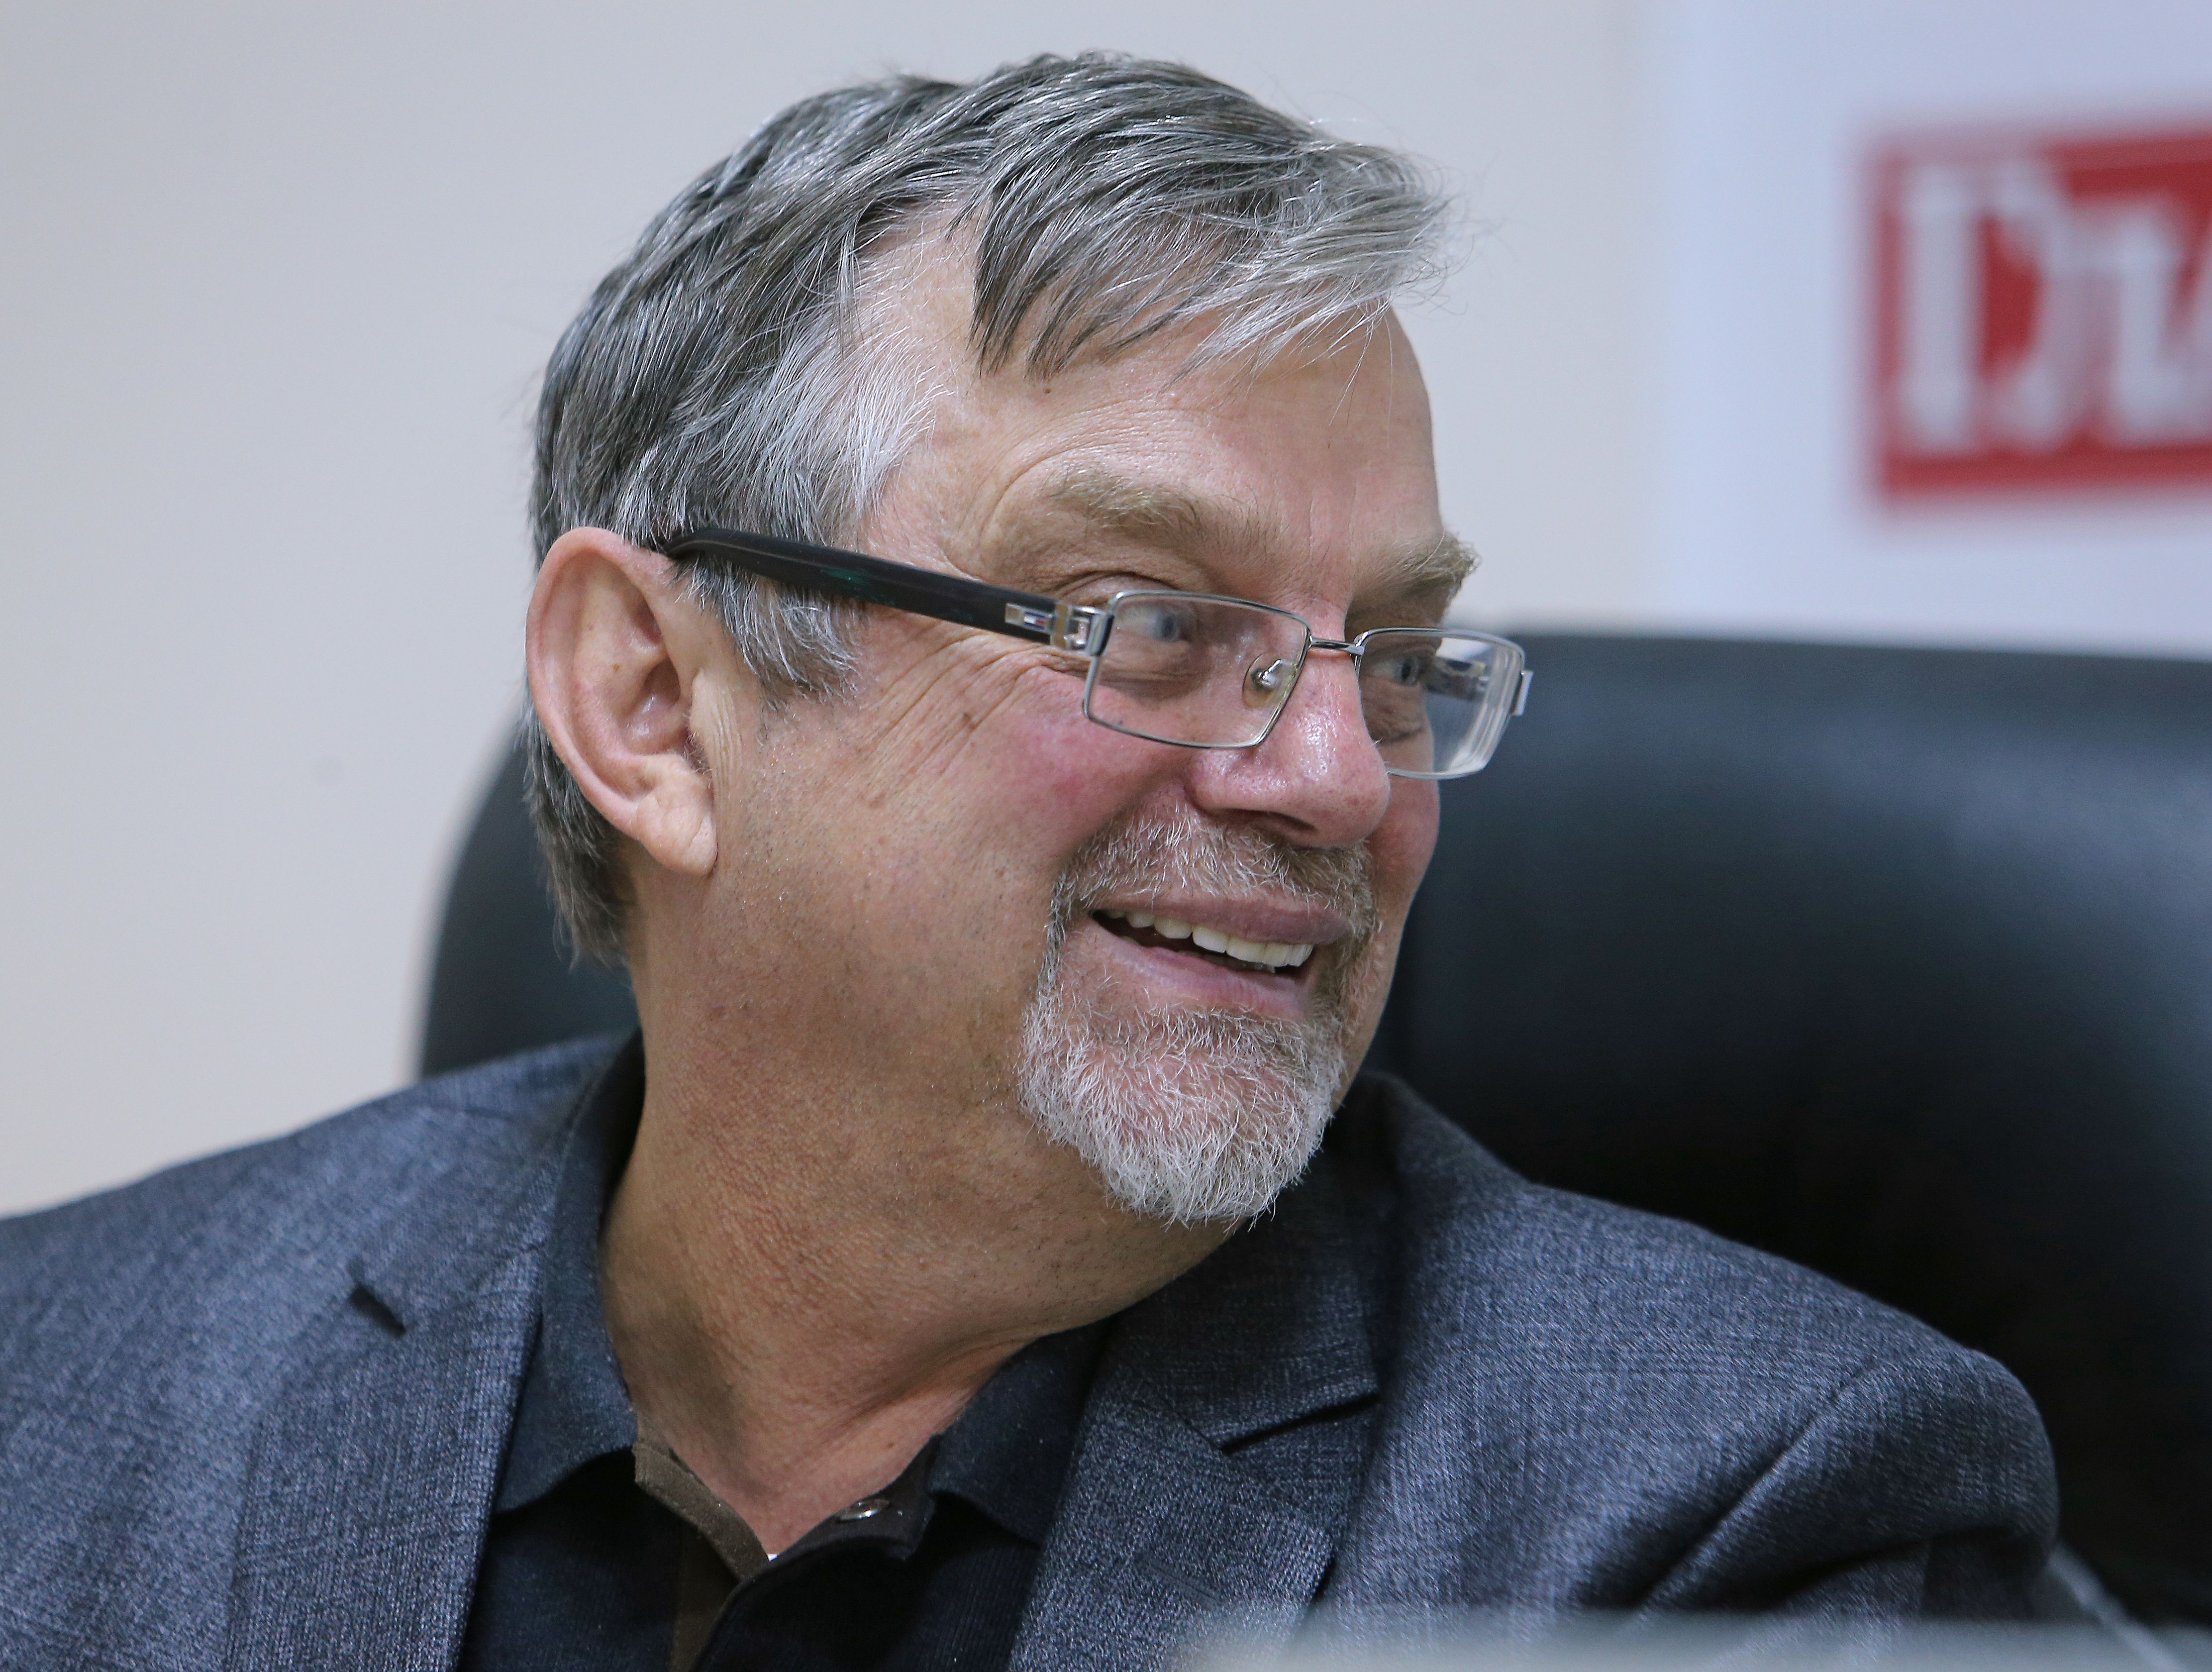 Игорь Корнет для нас просто какая-то уголовная фигура, отметил Виктор Небоженко